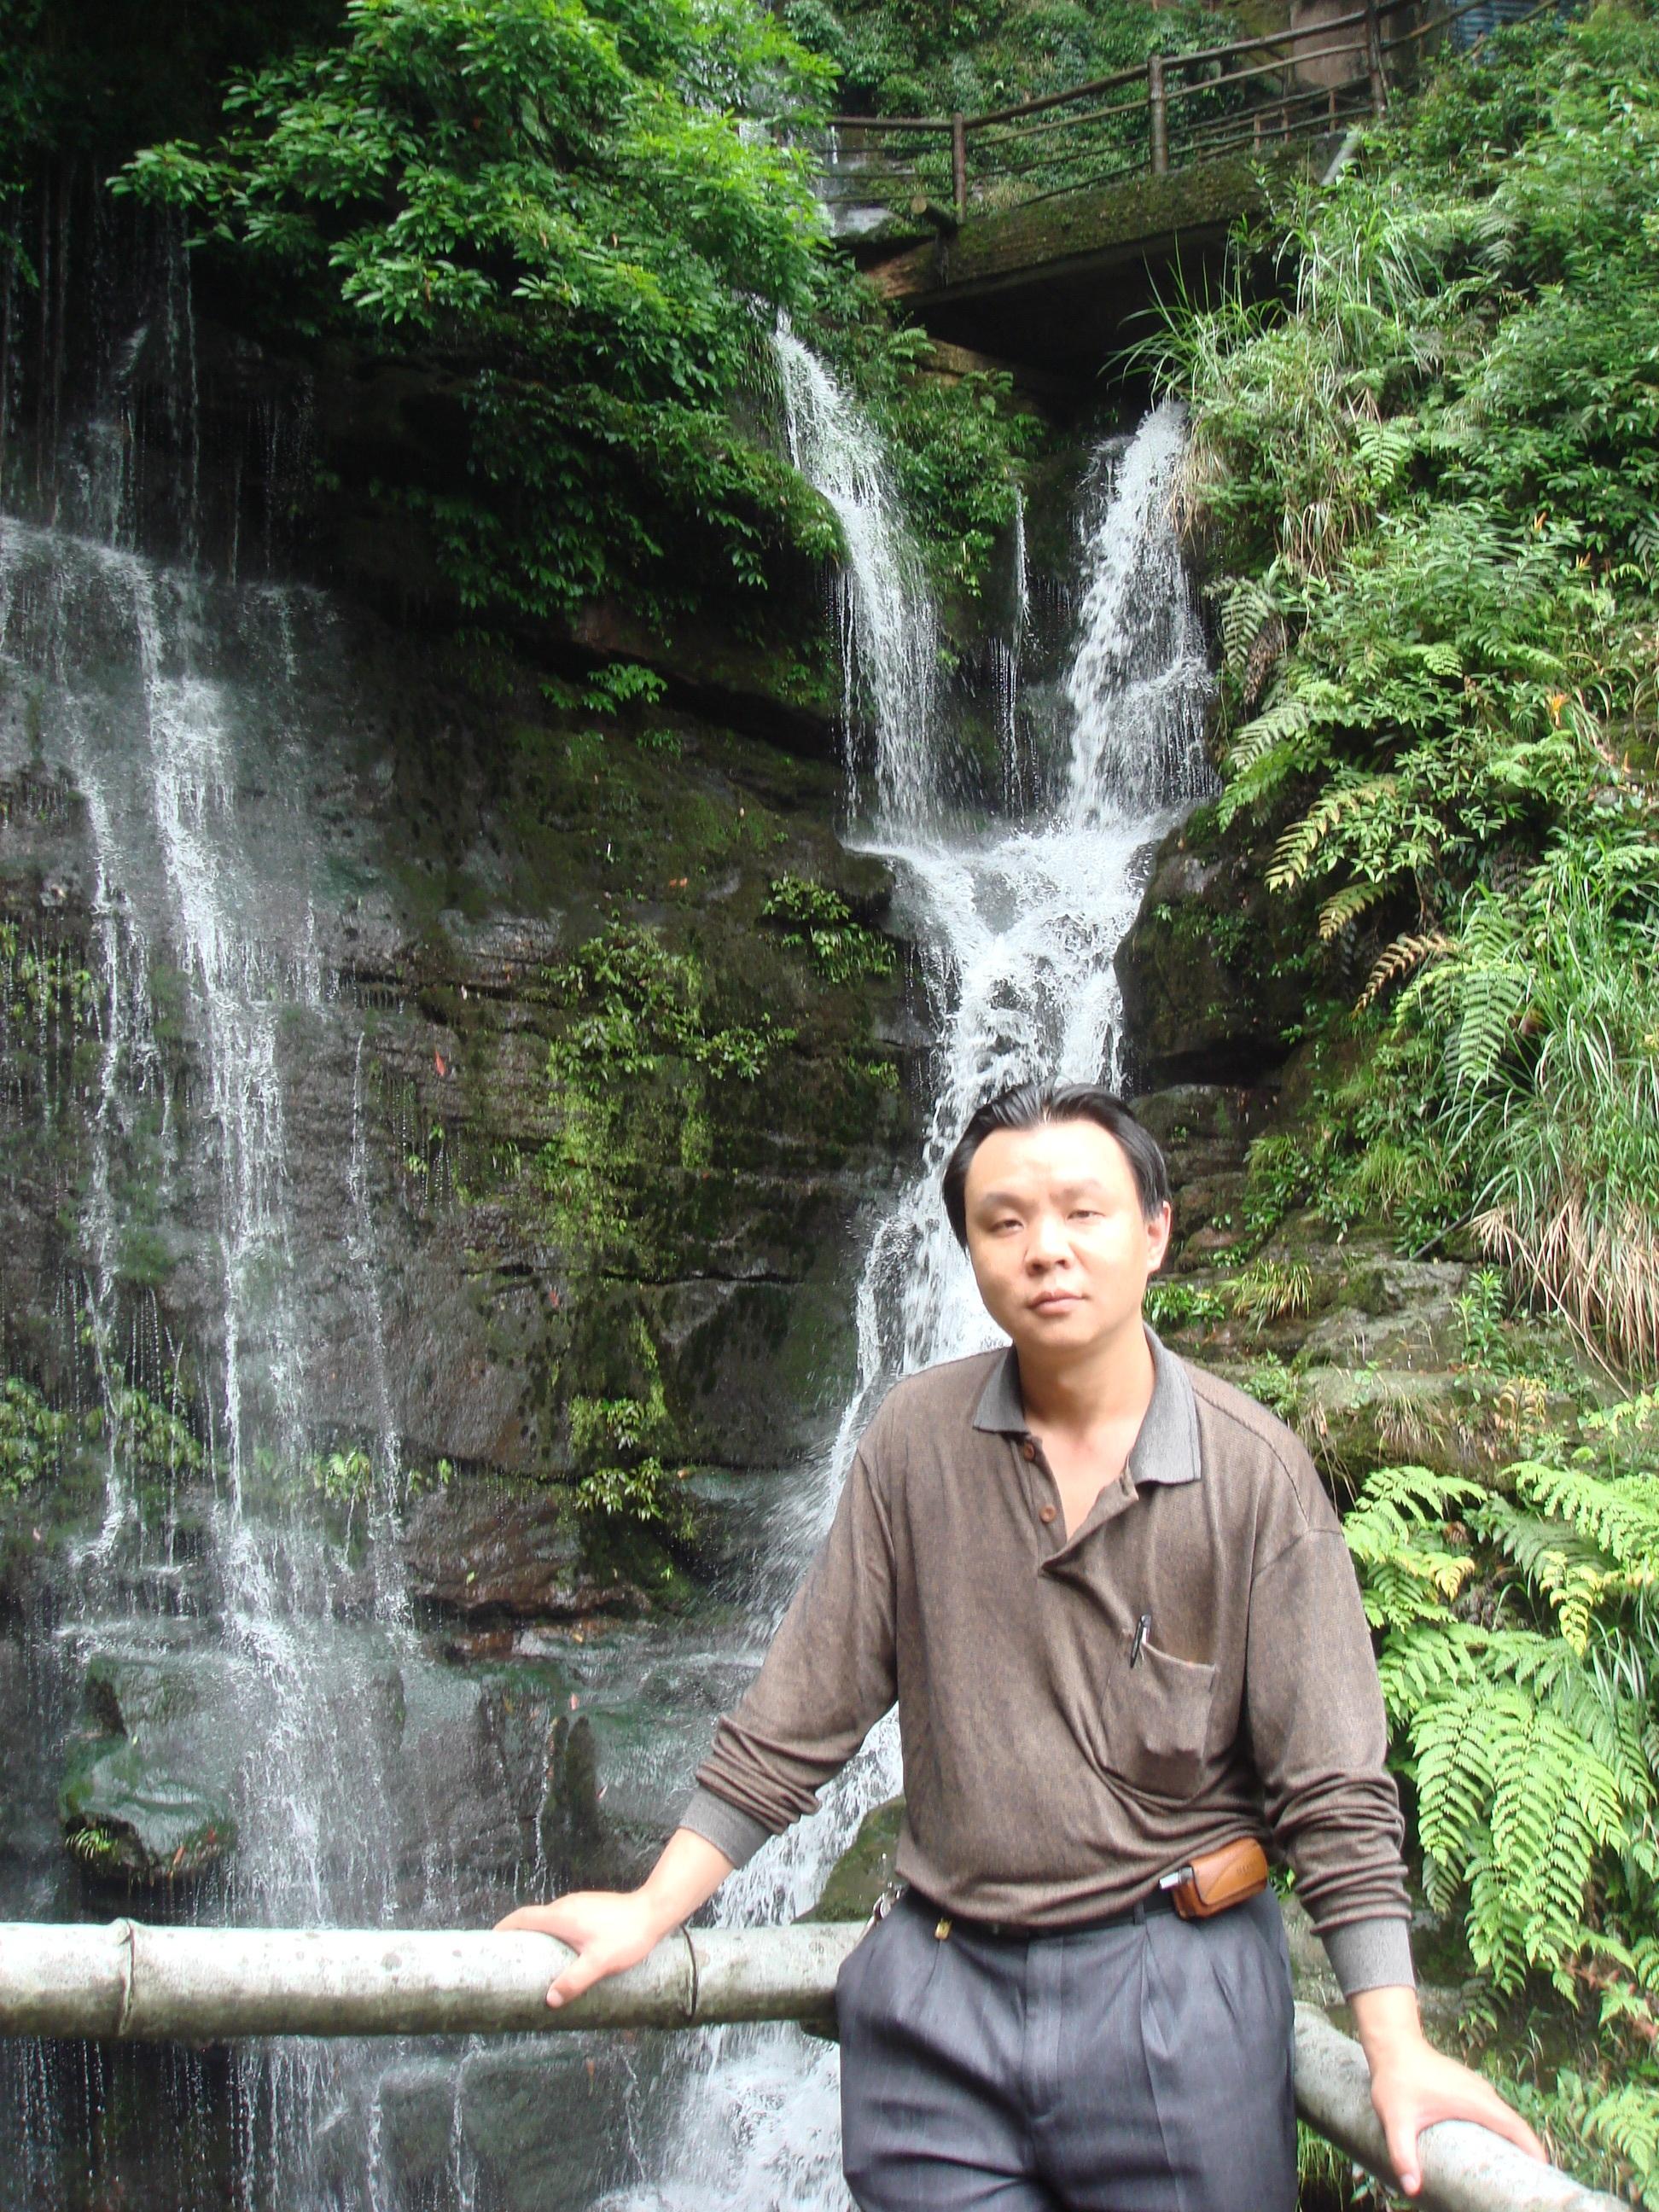 碧峰峡,雅安碧峰峡攻略/地址/图片/门票【携程攻略】